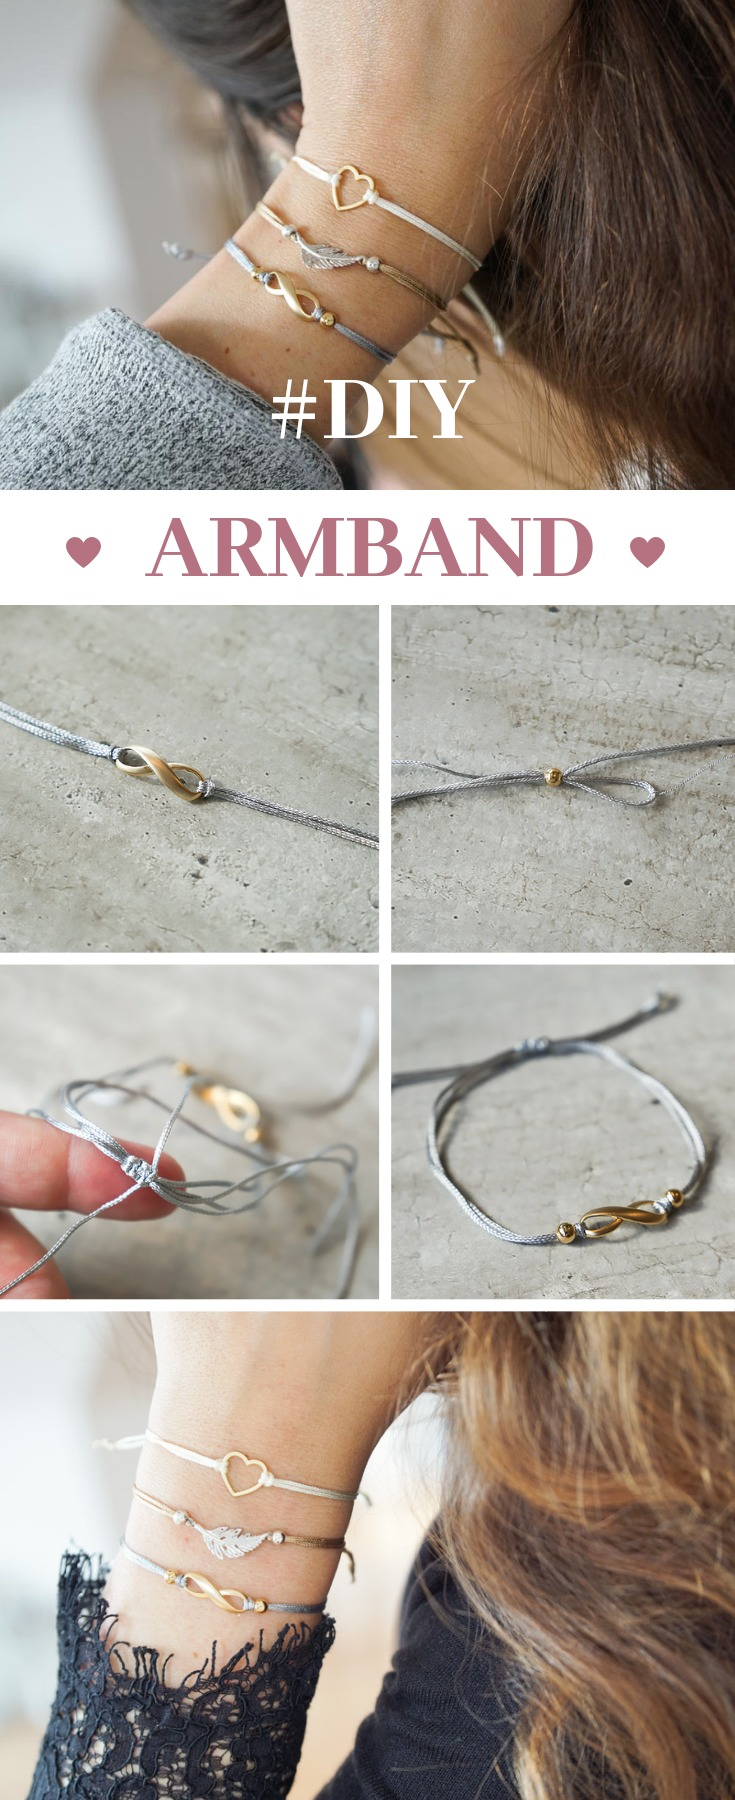 Bastel dir ganz einfach selbst schöne Armbänder mit Schiebeverschluss in deinen Lieblingsfarben- und Formen. Die Anleitung dazu gibt es hier ♥